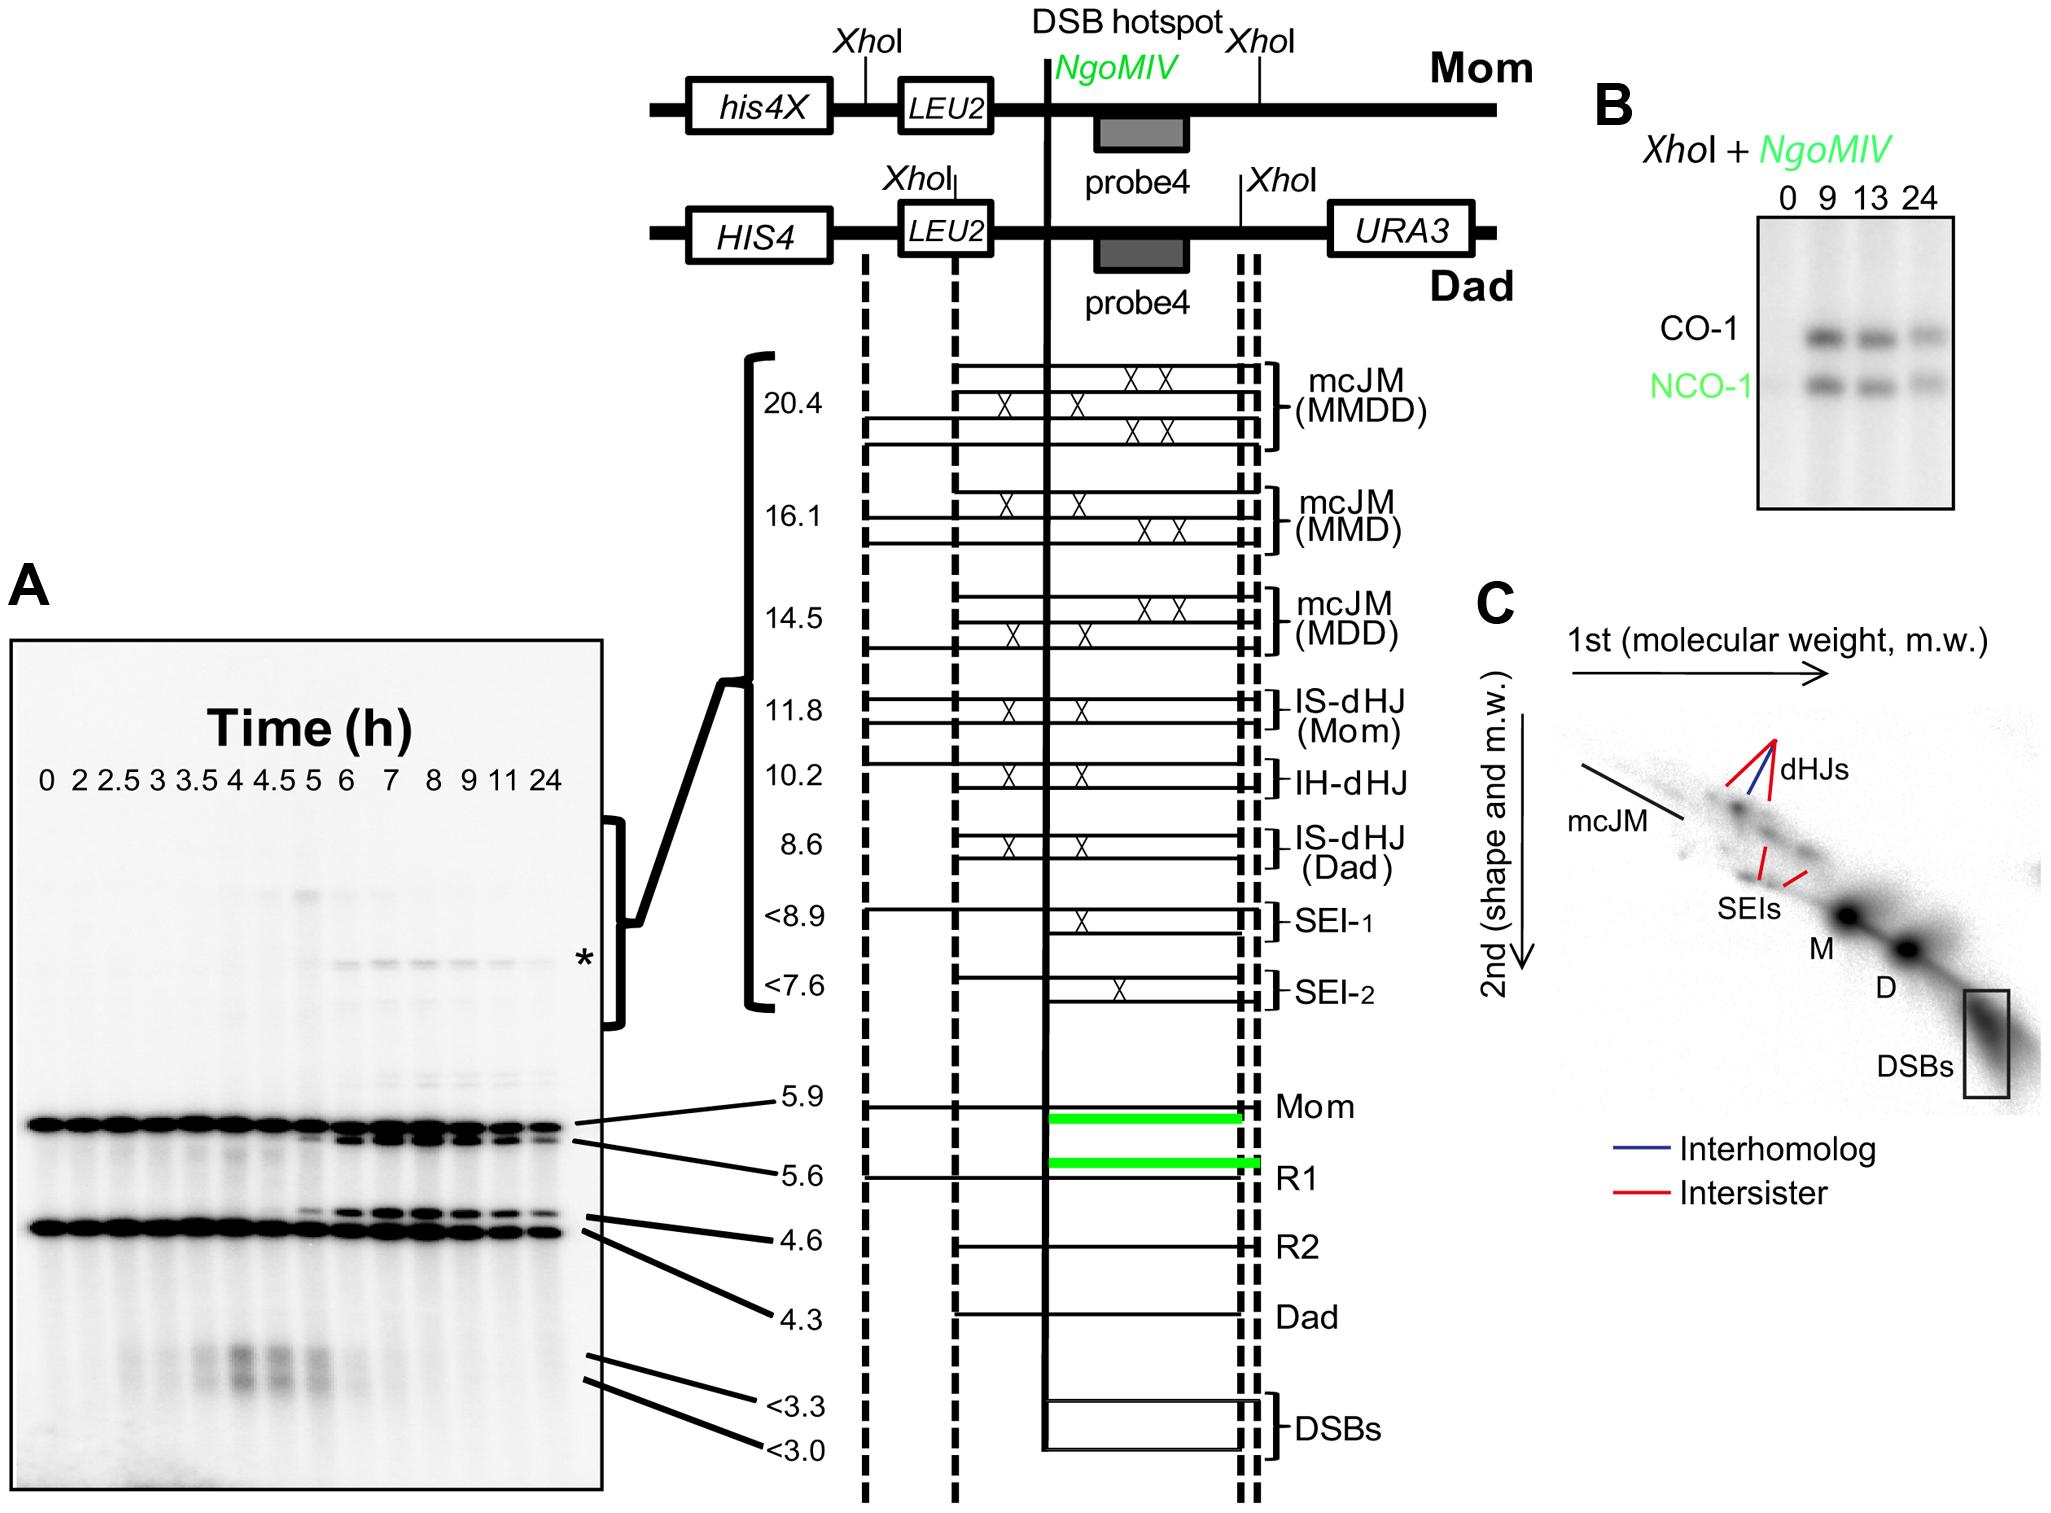 Assessment of meiotic recombination at the <i>HIS4LEU2</i> hotspot.